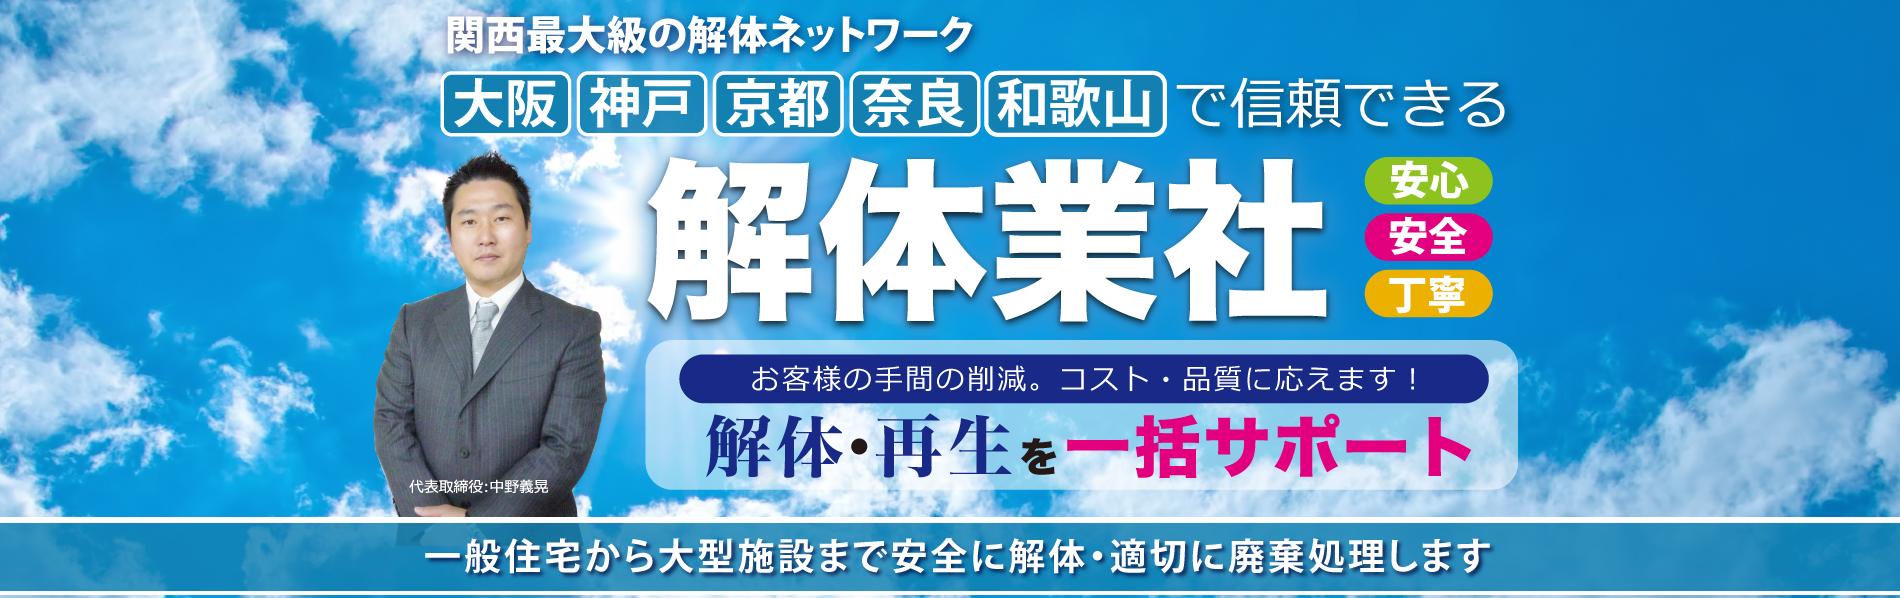 大阪・神戸・京都・奈良・和歌山で信頼できる解体業者をお探しなら、解体撤去トータルサポートのトライズへ